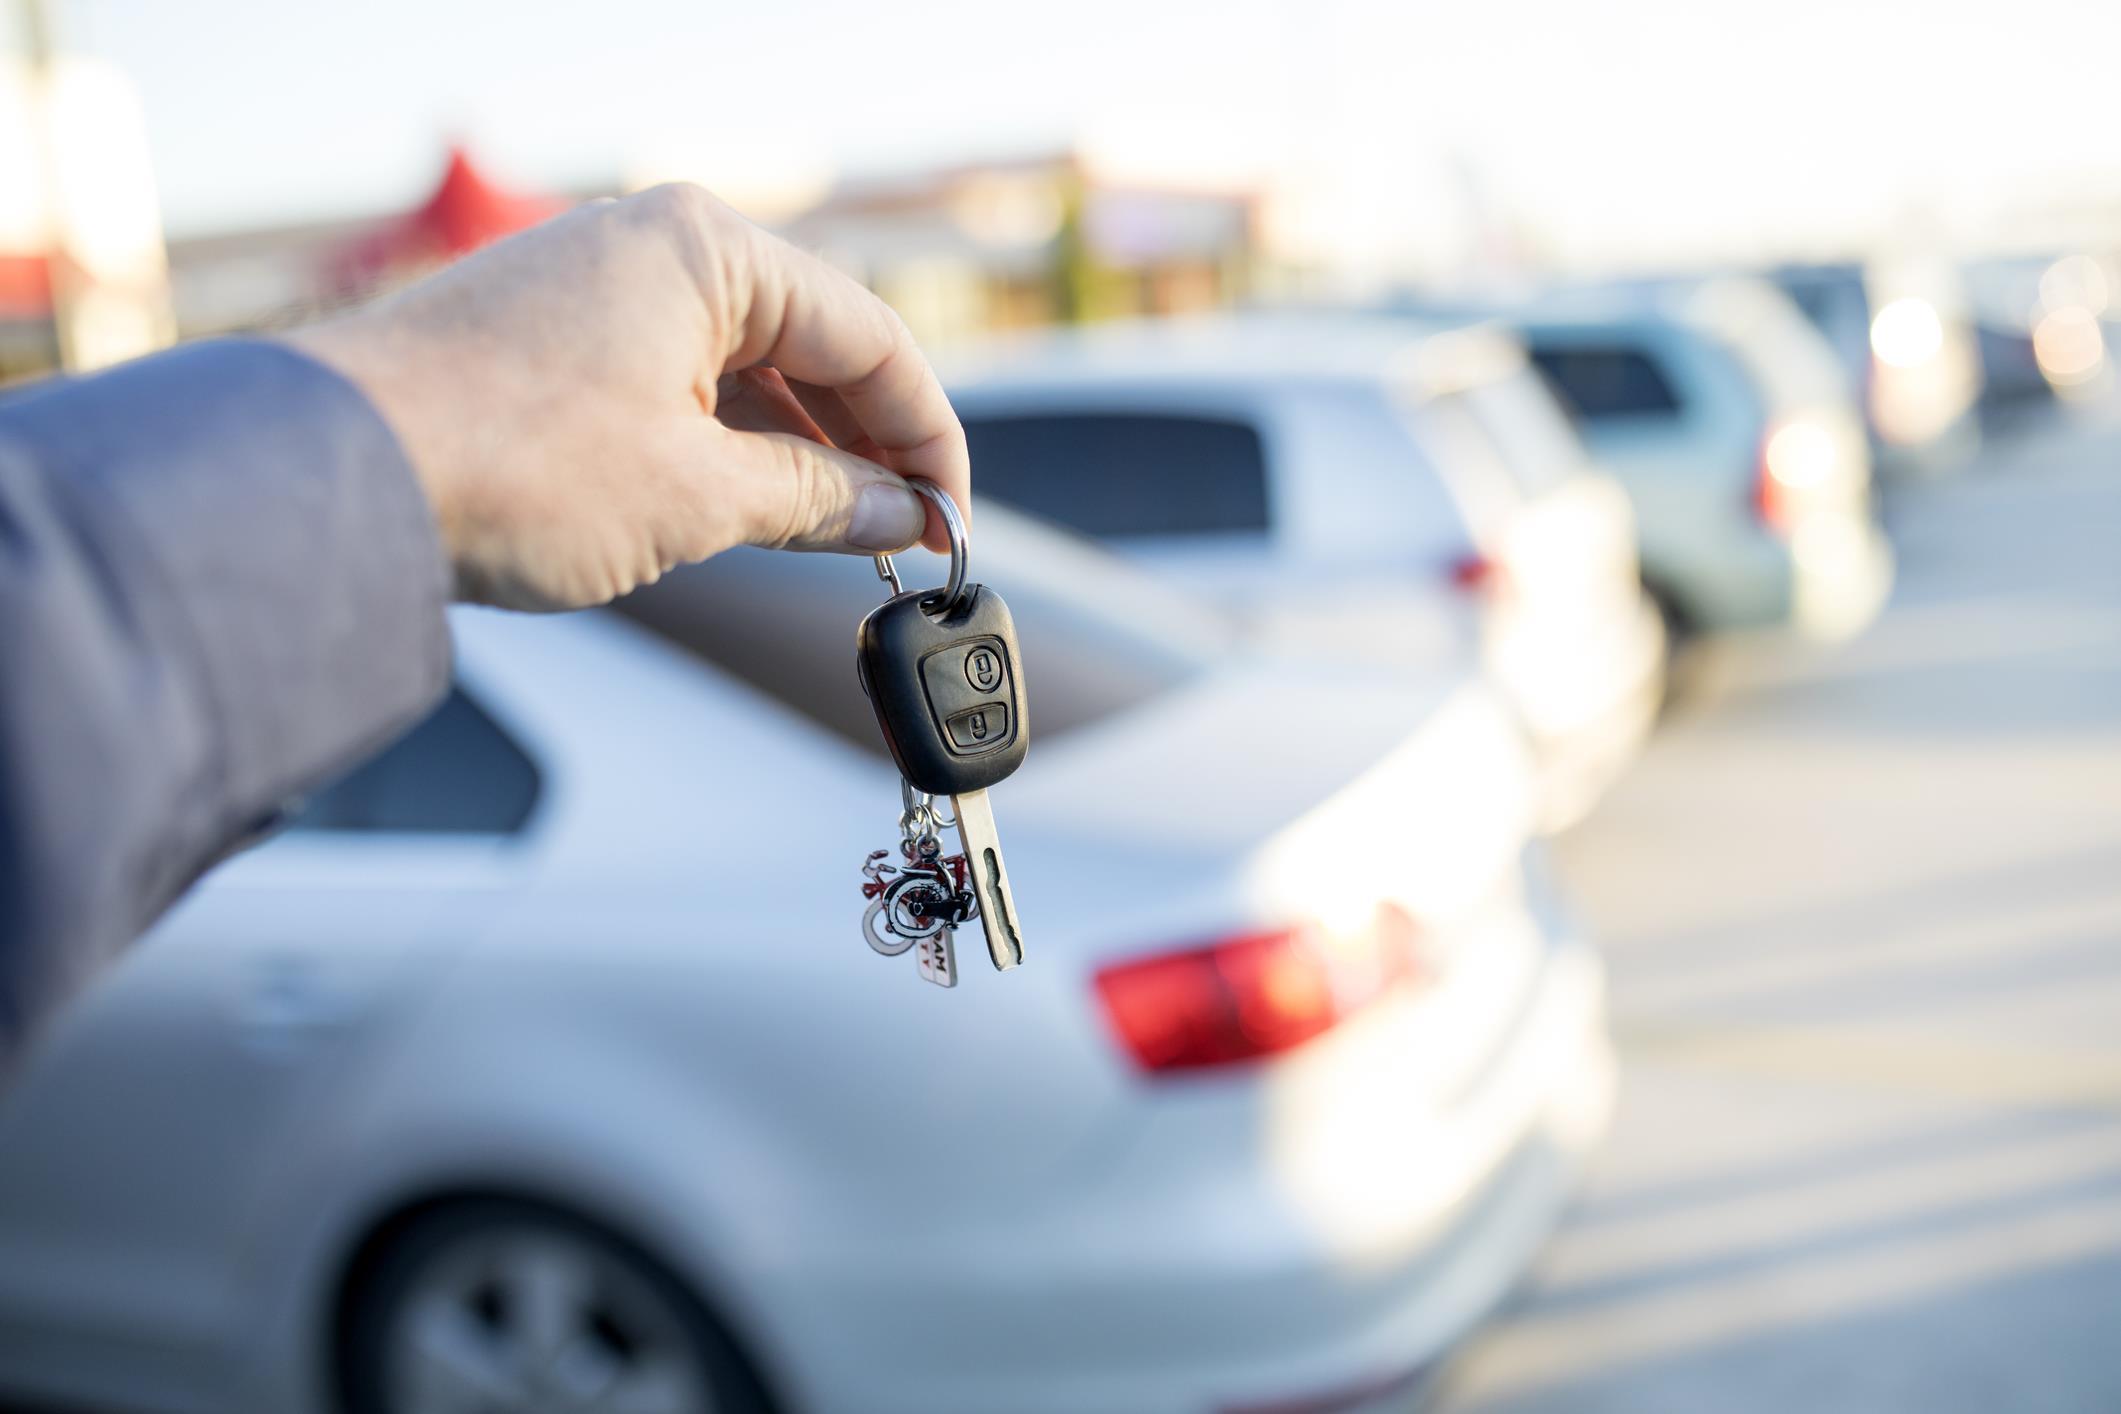 تأجير السيارات.. ارتفاع ملحوظ في الأسعار يثير استياء الزبناء